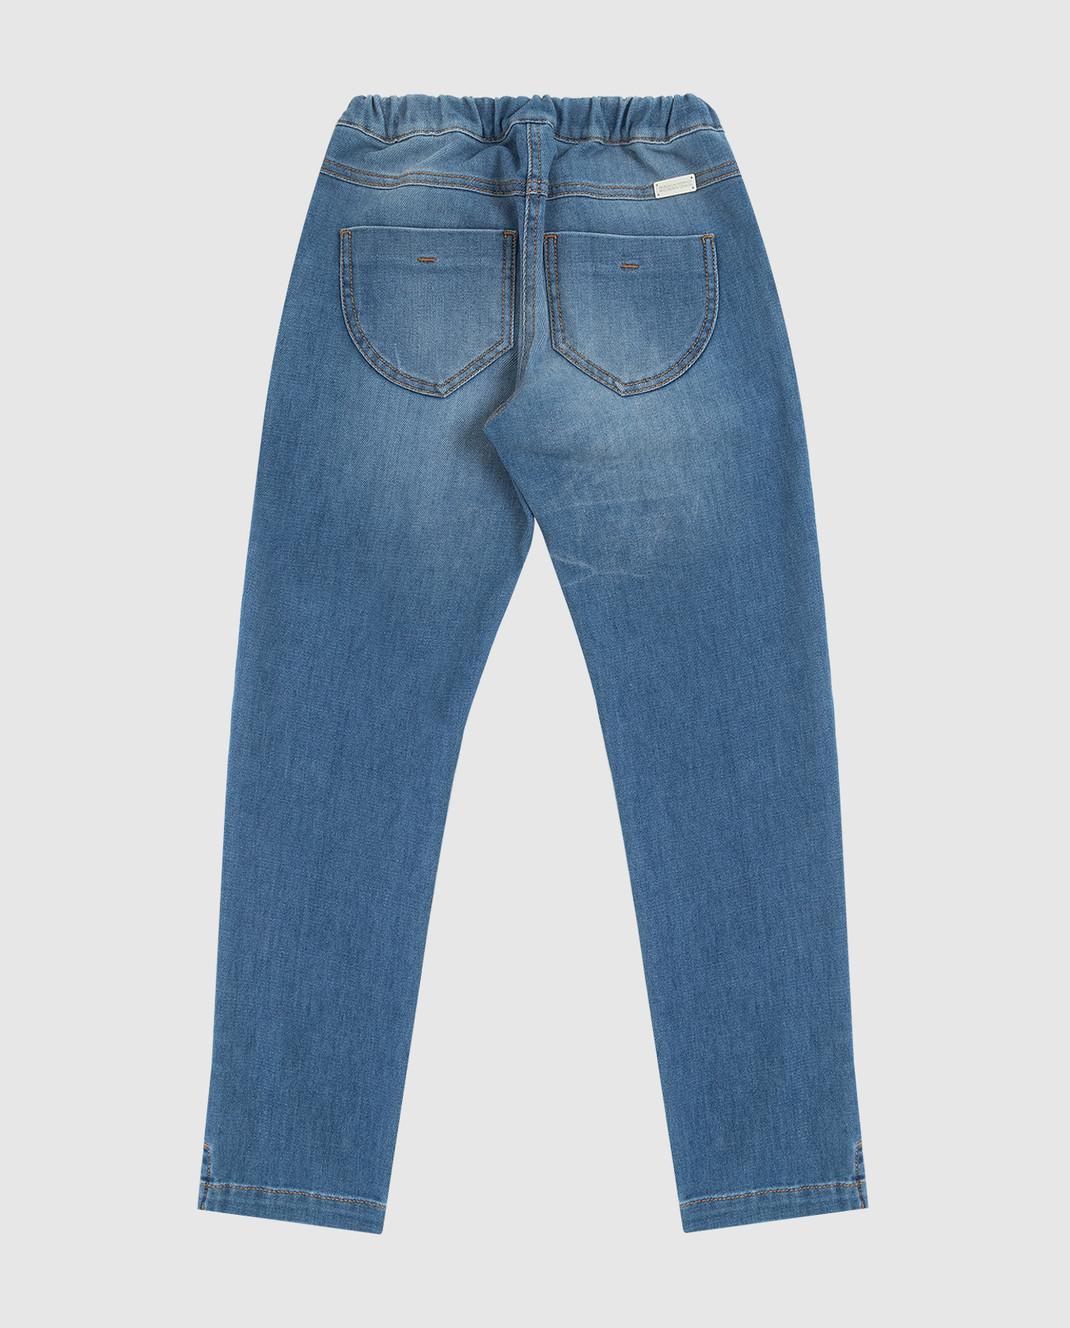 Ermanno Scervino Детские синие джинсы JL081012 изображение 2